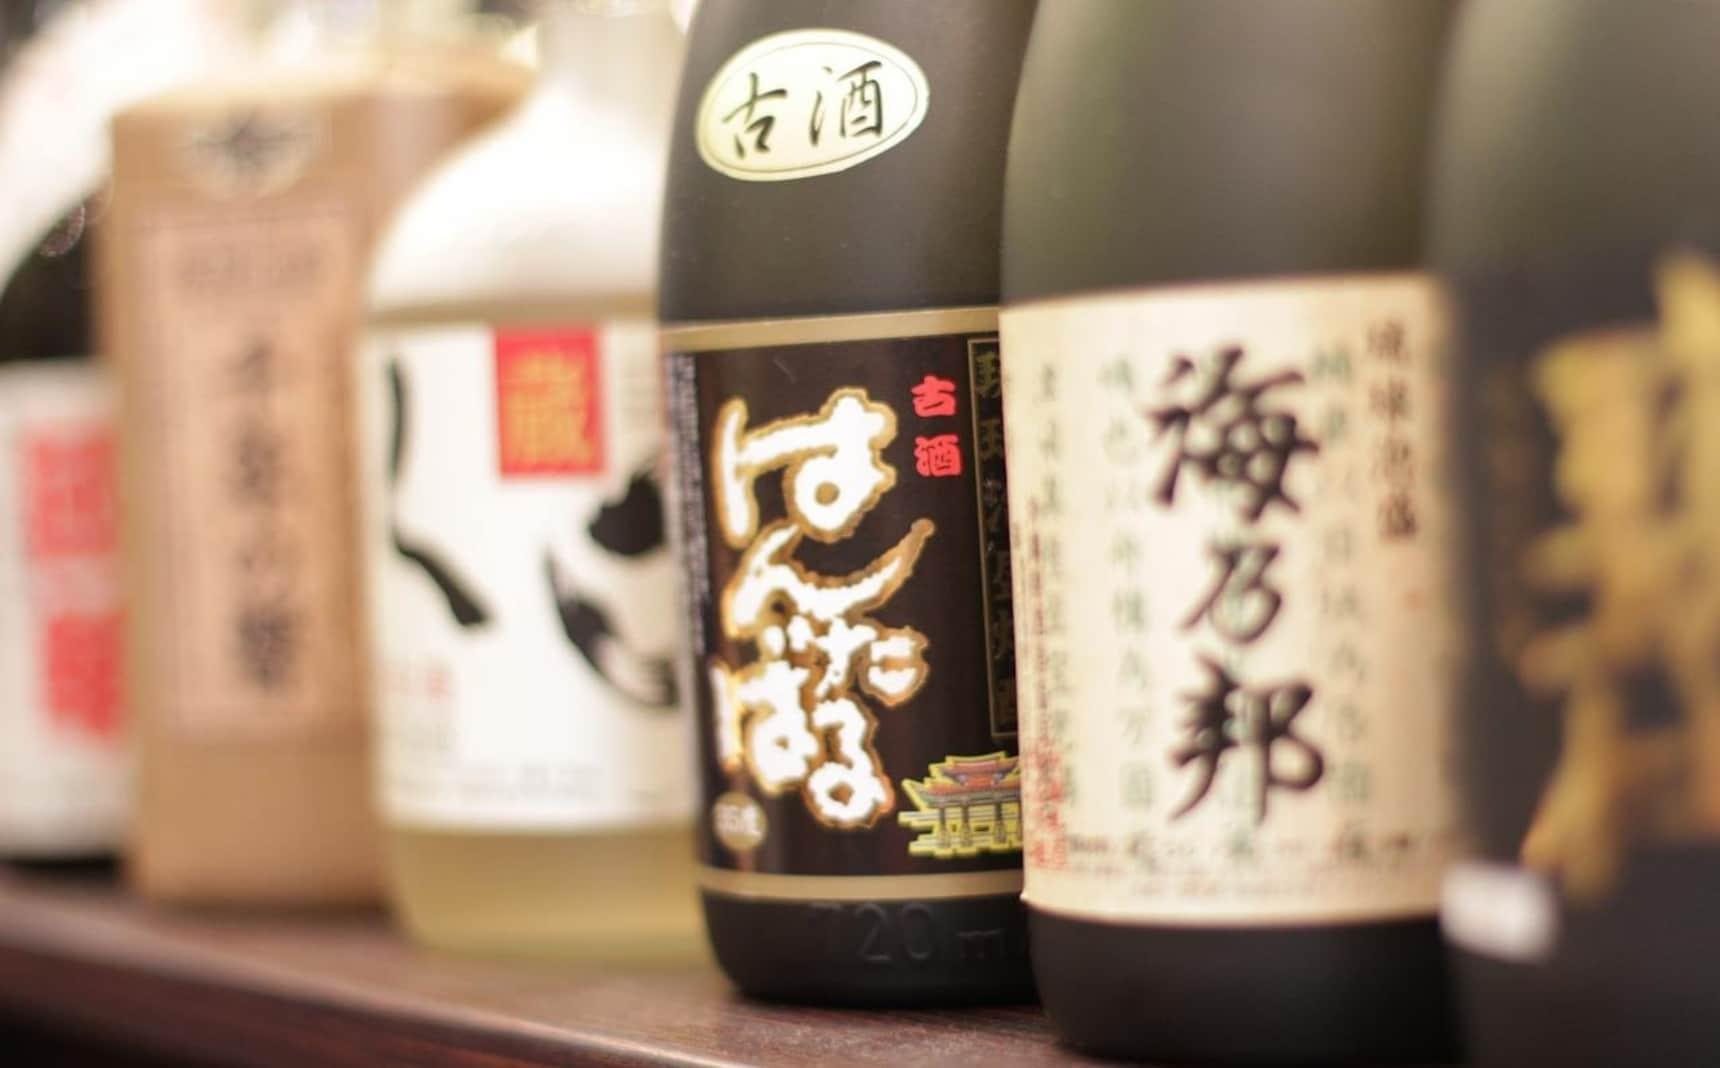 日本最南端的造酒厂